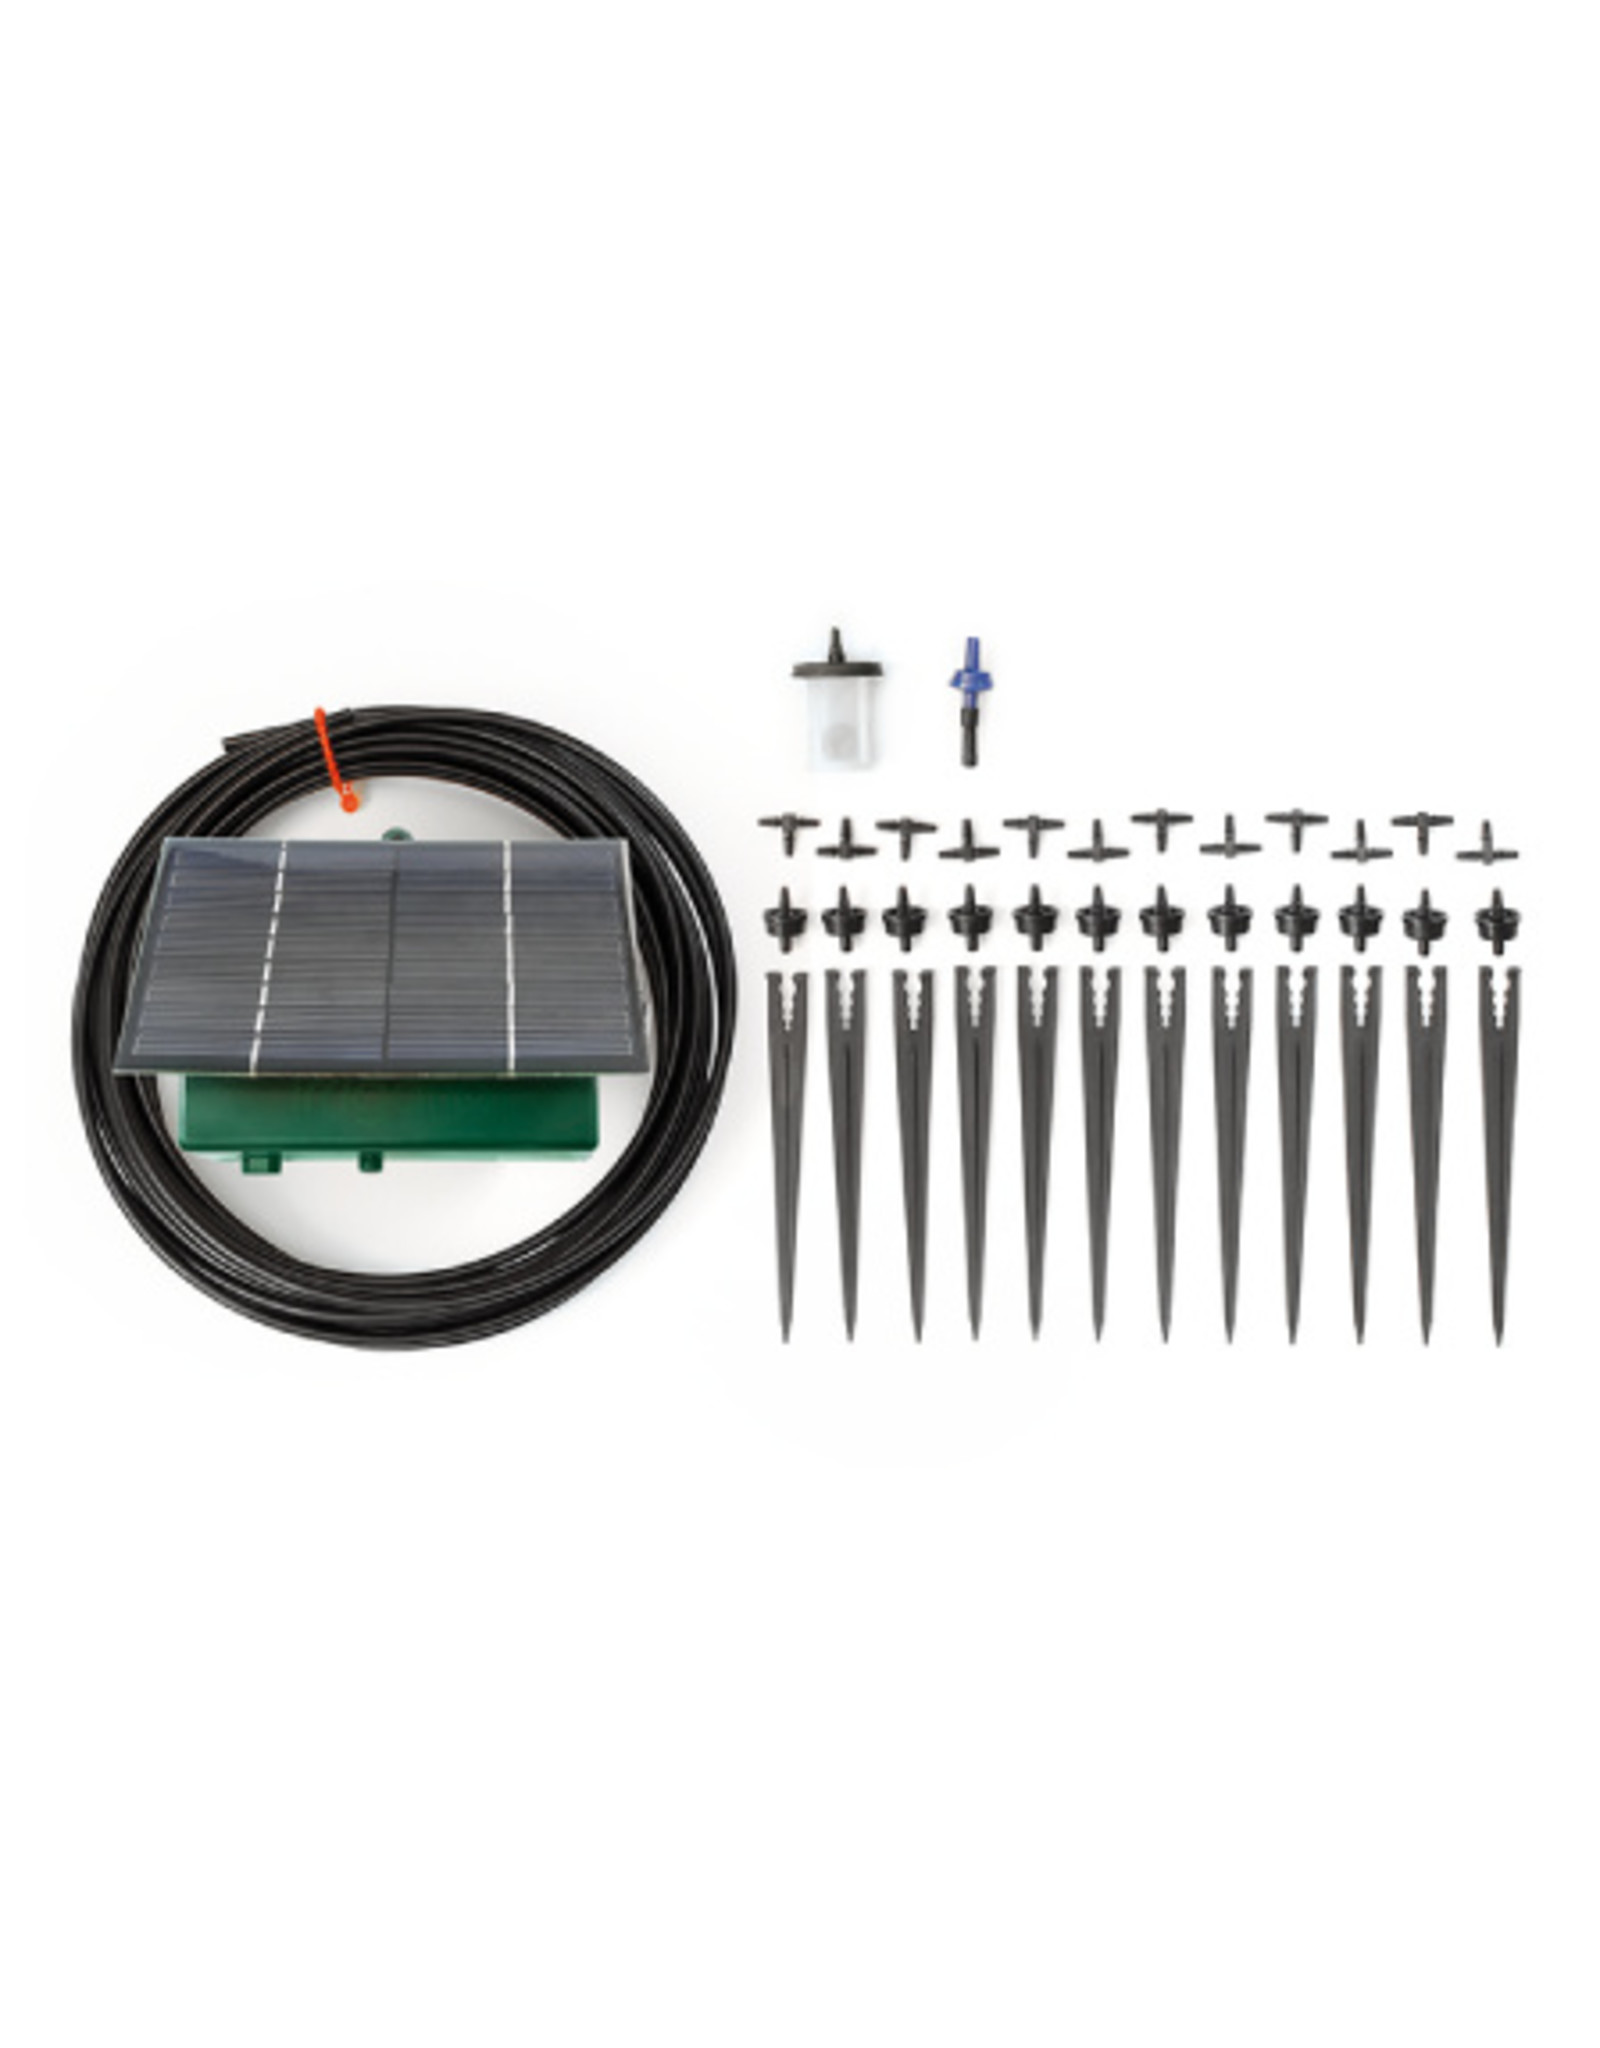 Irrigatia  IRR-SOL-C24